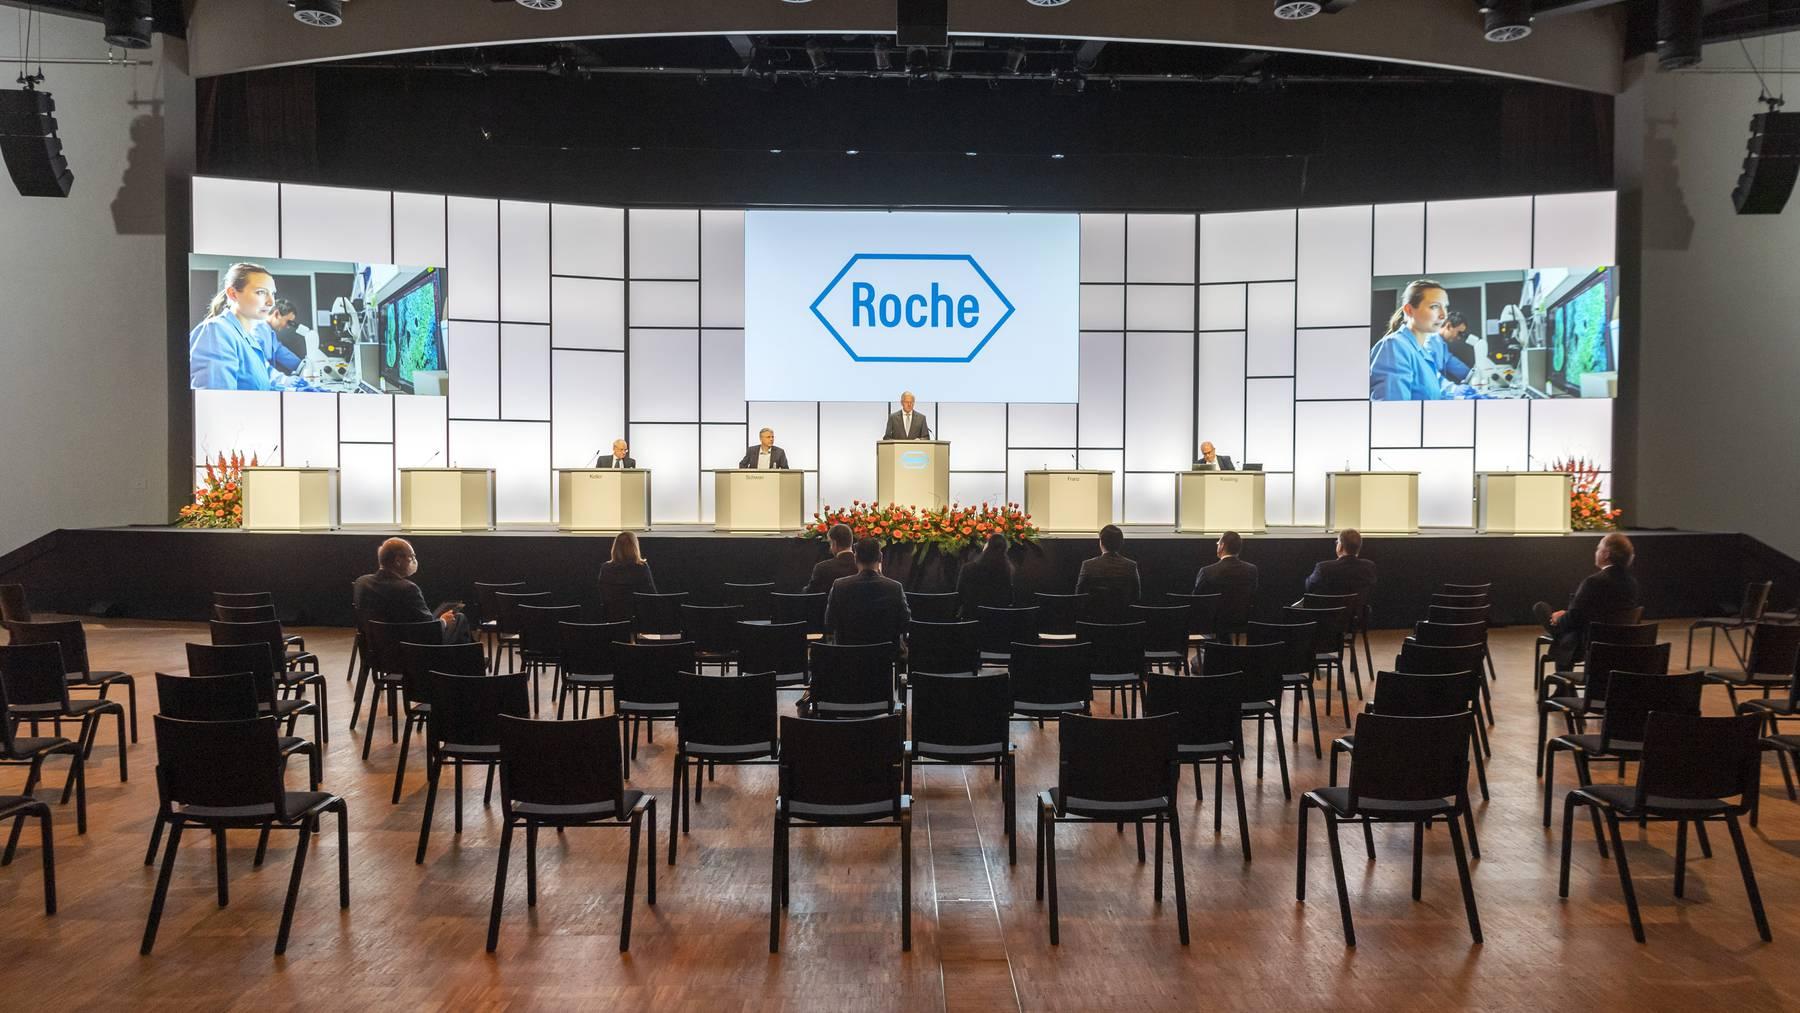 Verwaltungsratspräsident Christoph Franz spricht am Dienstag an der Generalversammlung von Roche vor praktisch leeren Rängen.